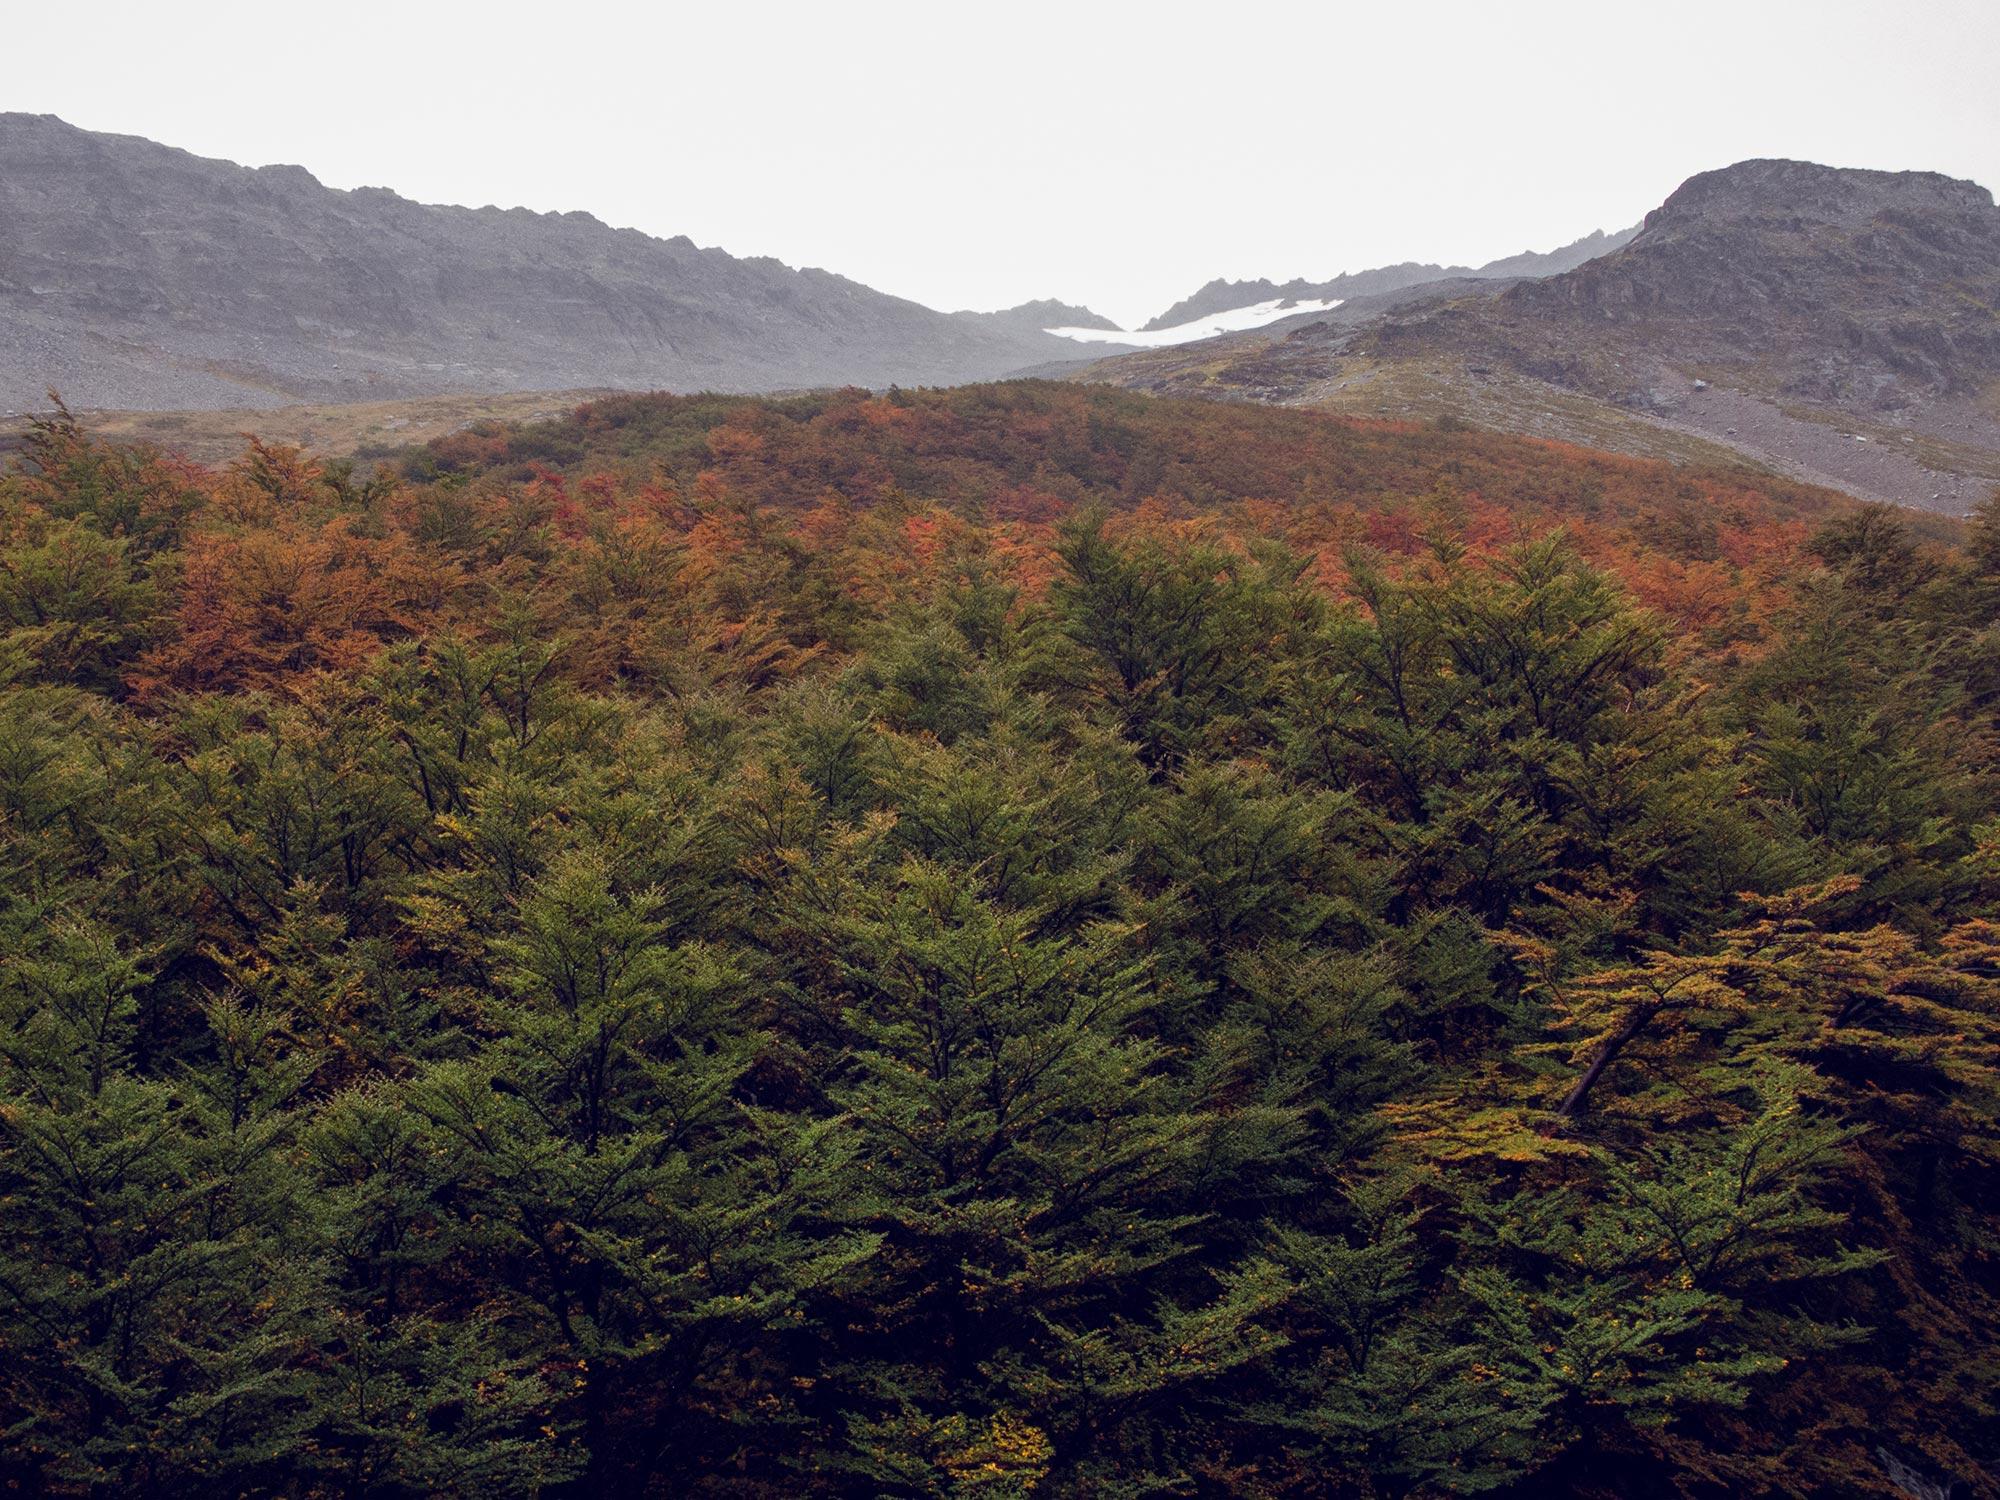 Argentin Ushuaia Glacia Martial autumn colors trees